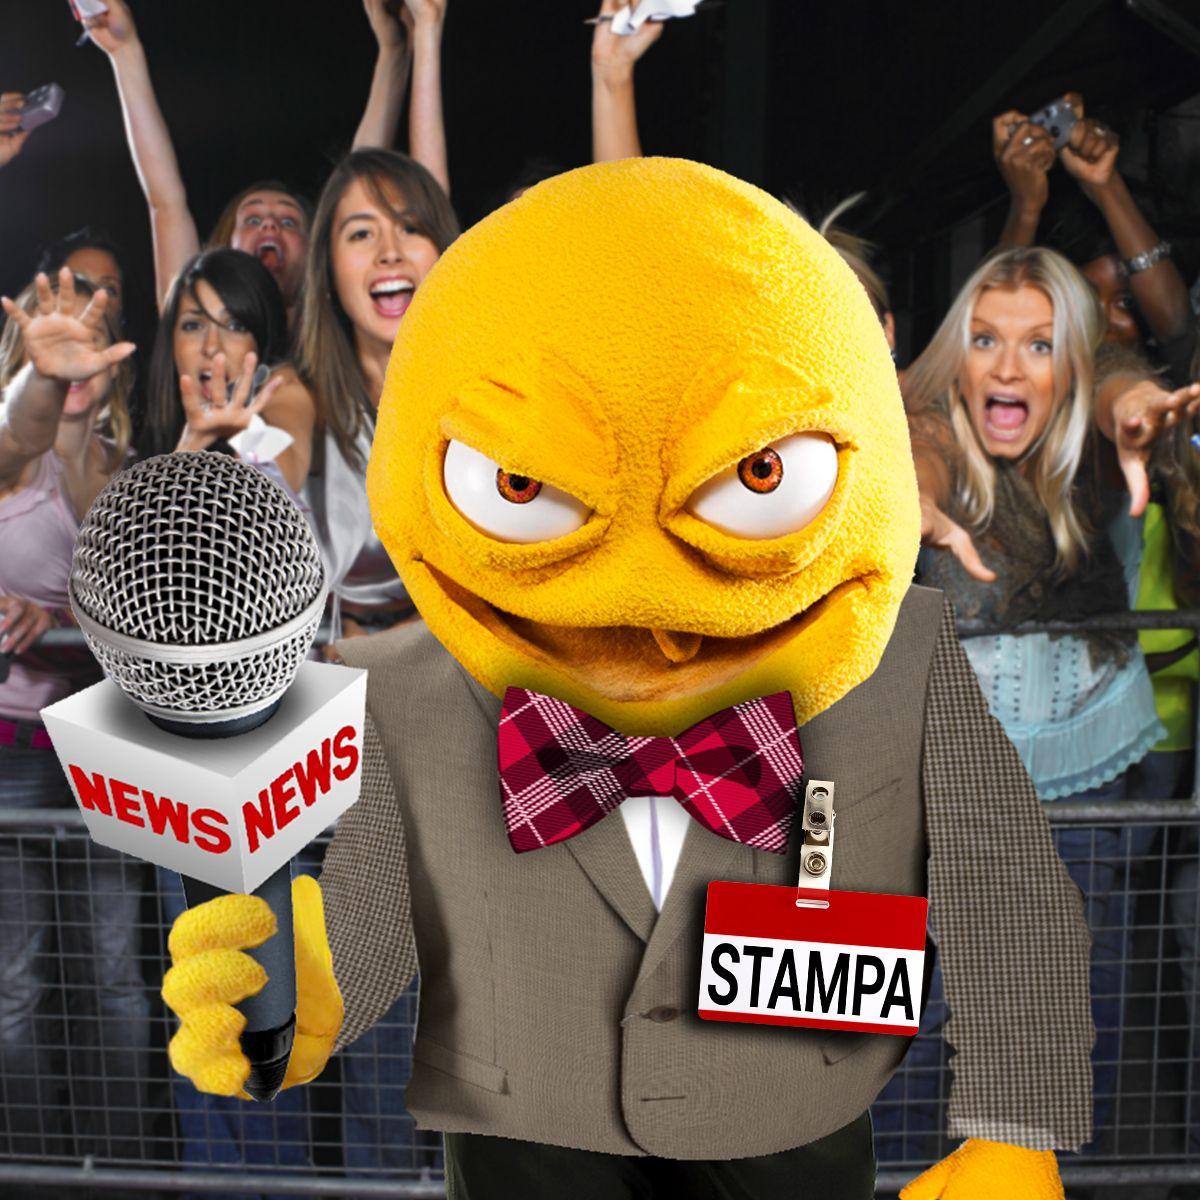 Sono il vostro inviato speciale a Sanremo, segui la mia diretta su Twitter, sarò più cattivo che mai! https://twitter.com/IoSonoFamelik